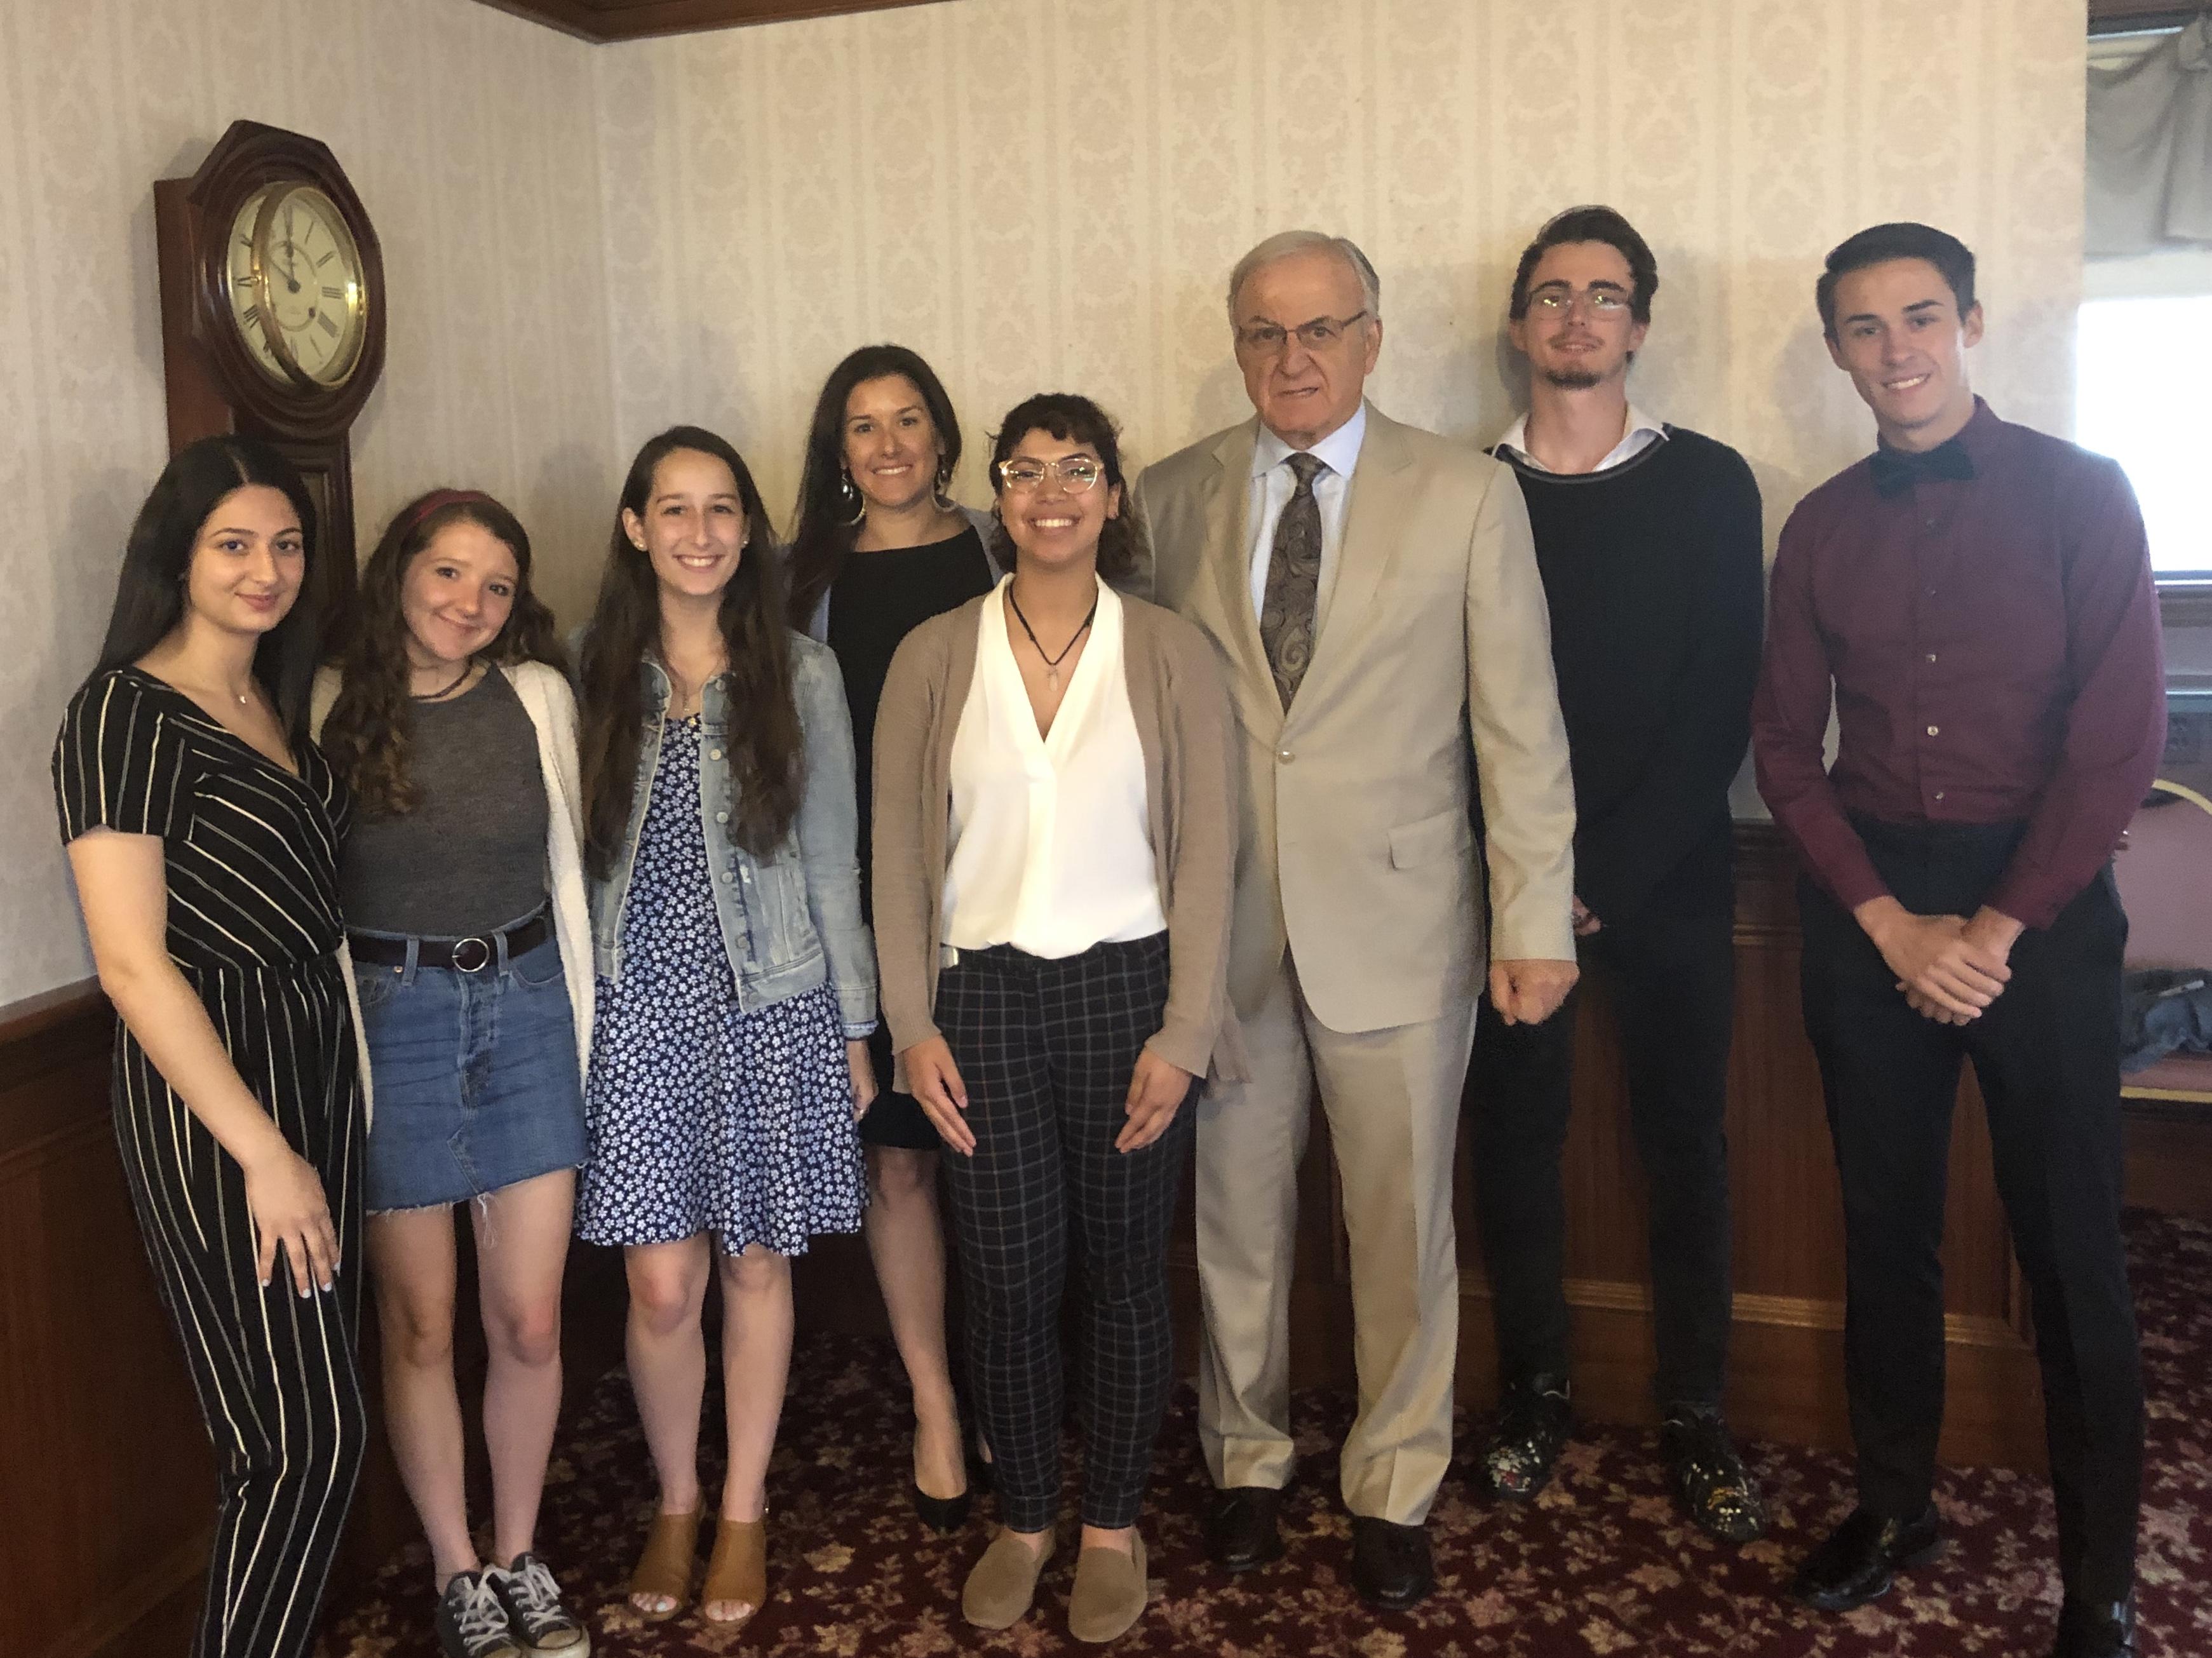 James. J Karam Scholarship recipients